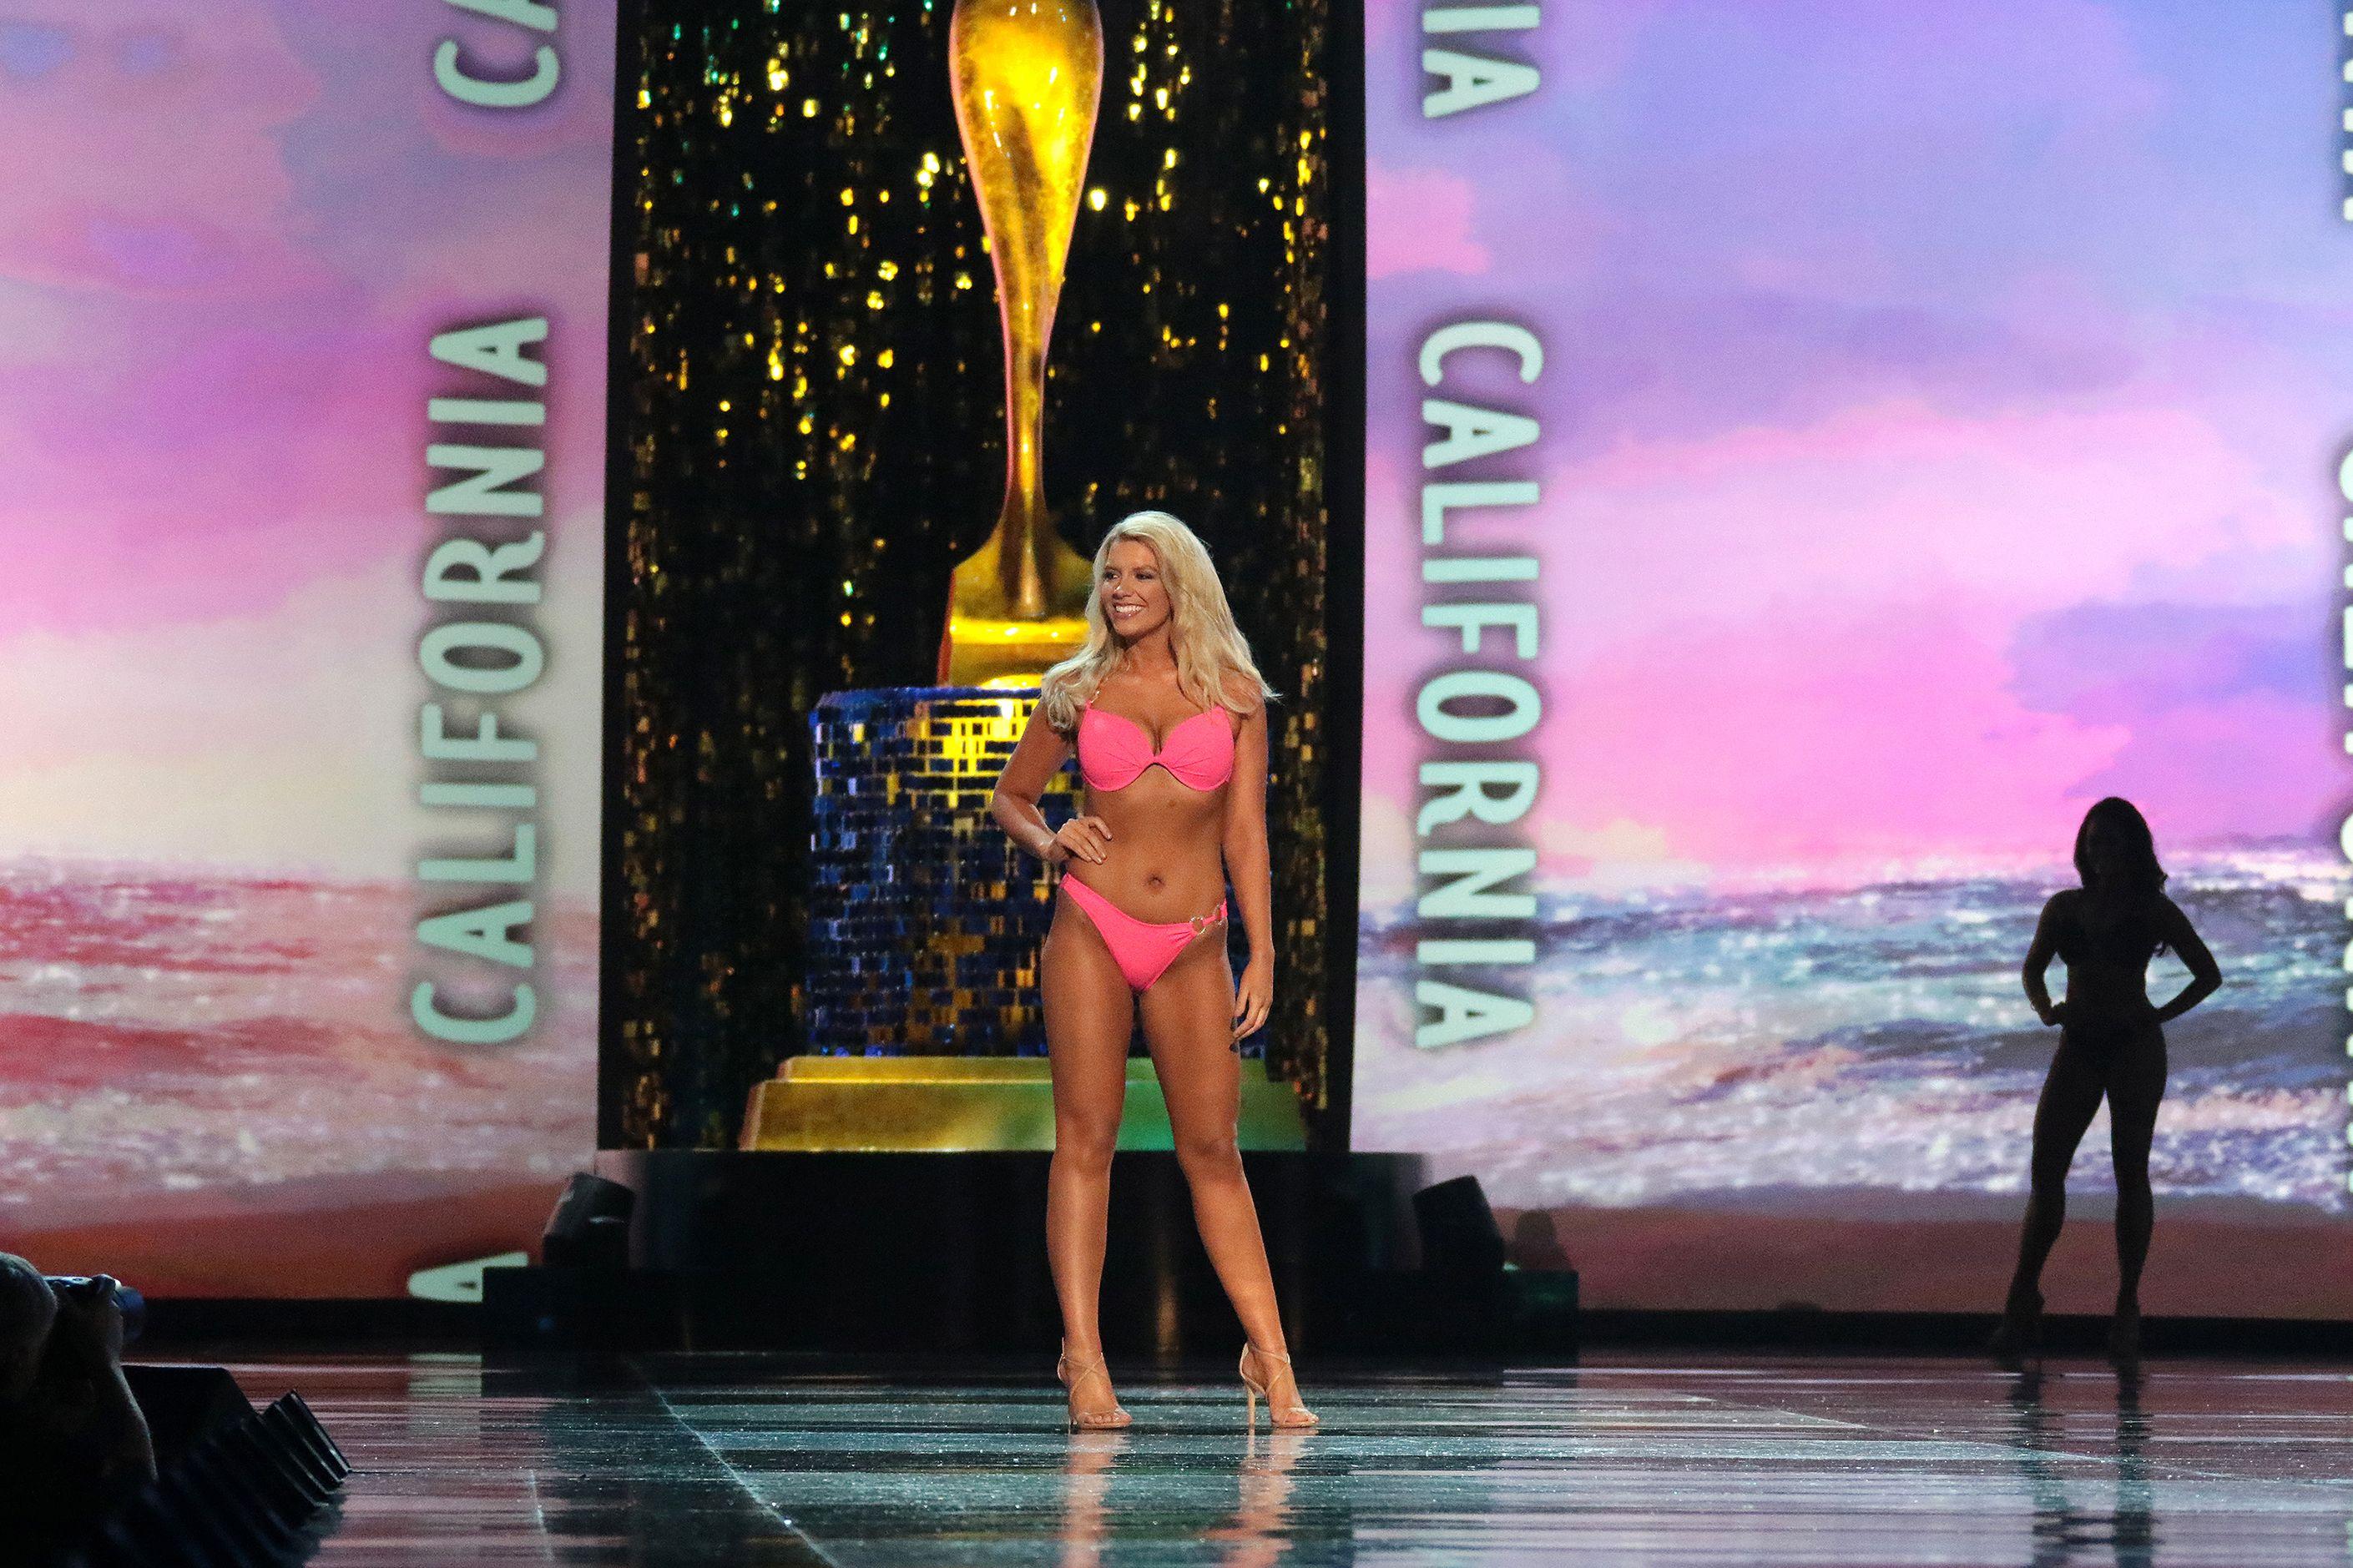 Miss california in bikini